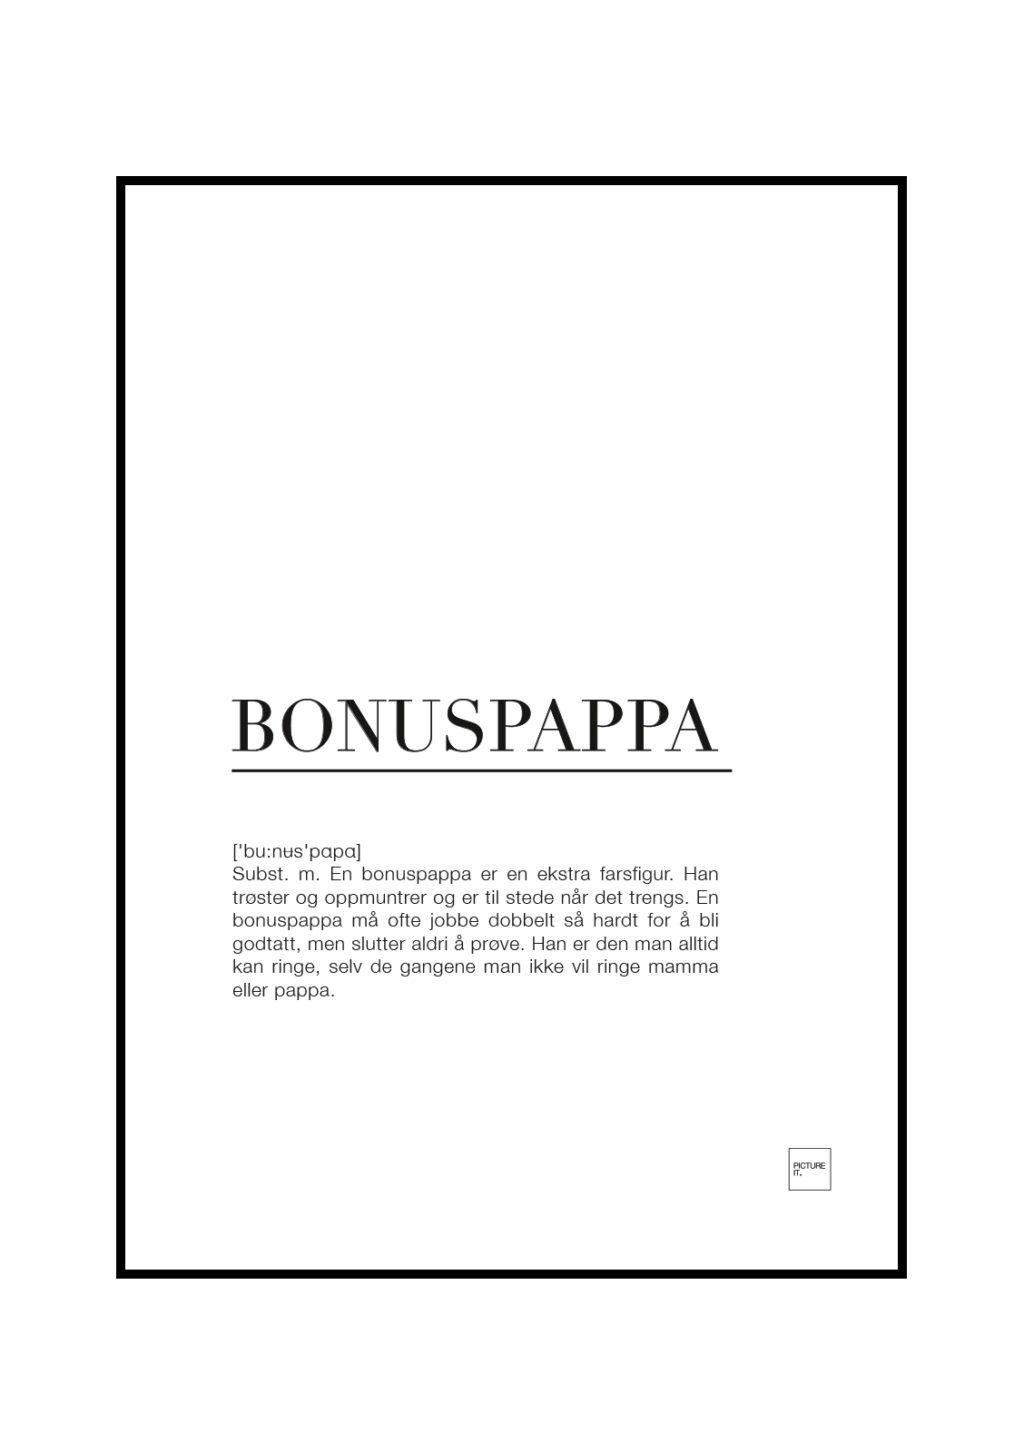 bonuspappa poster